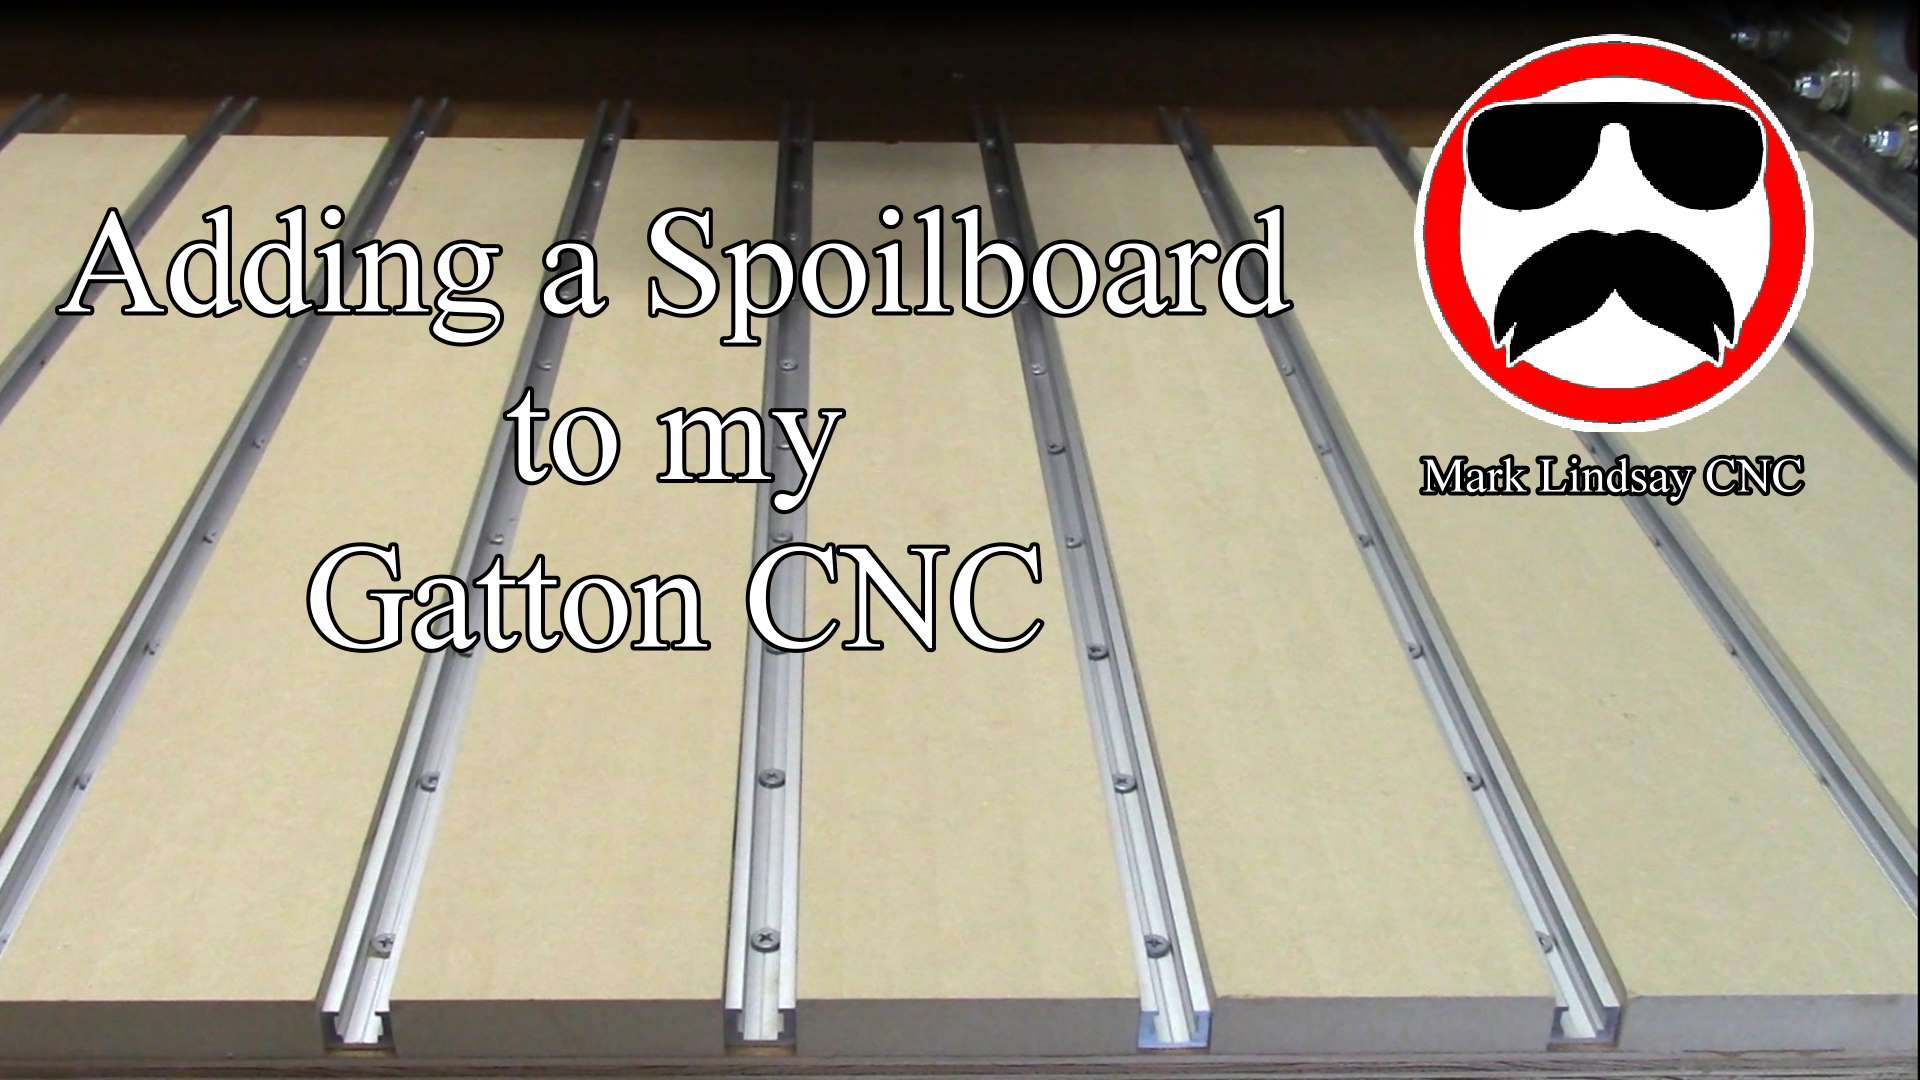 Adding a Spoilboard to my Gatton CNC